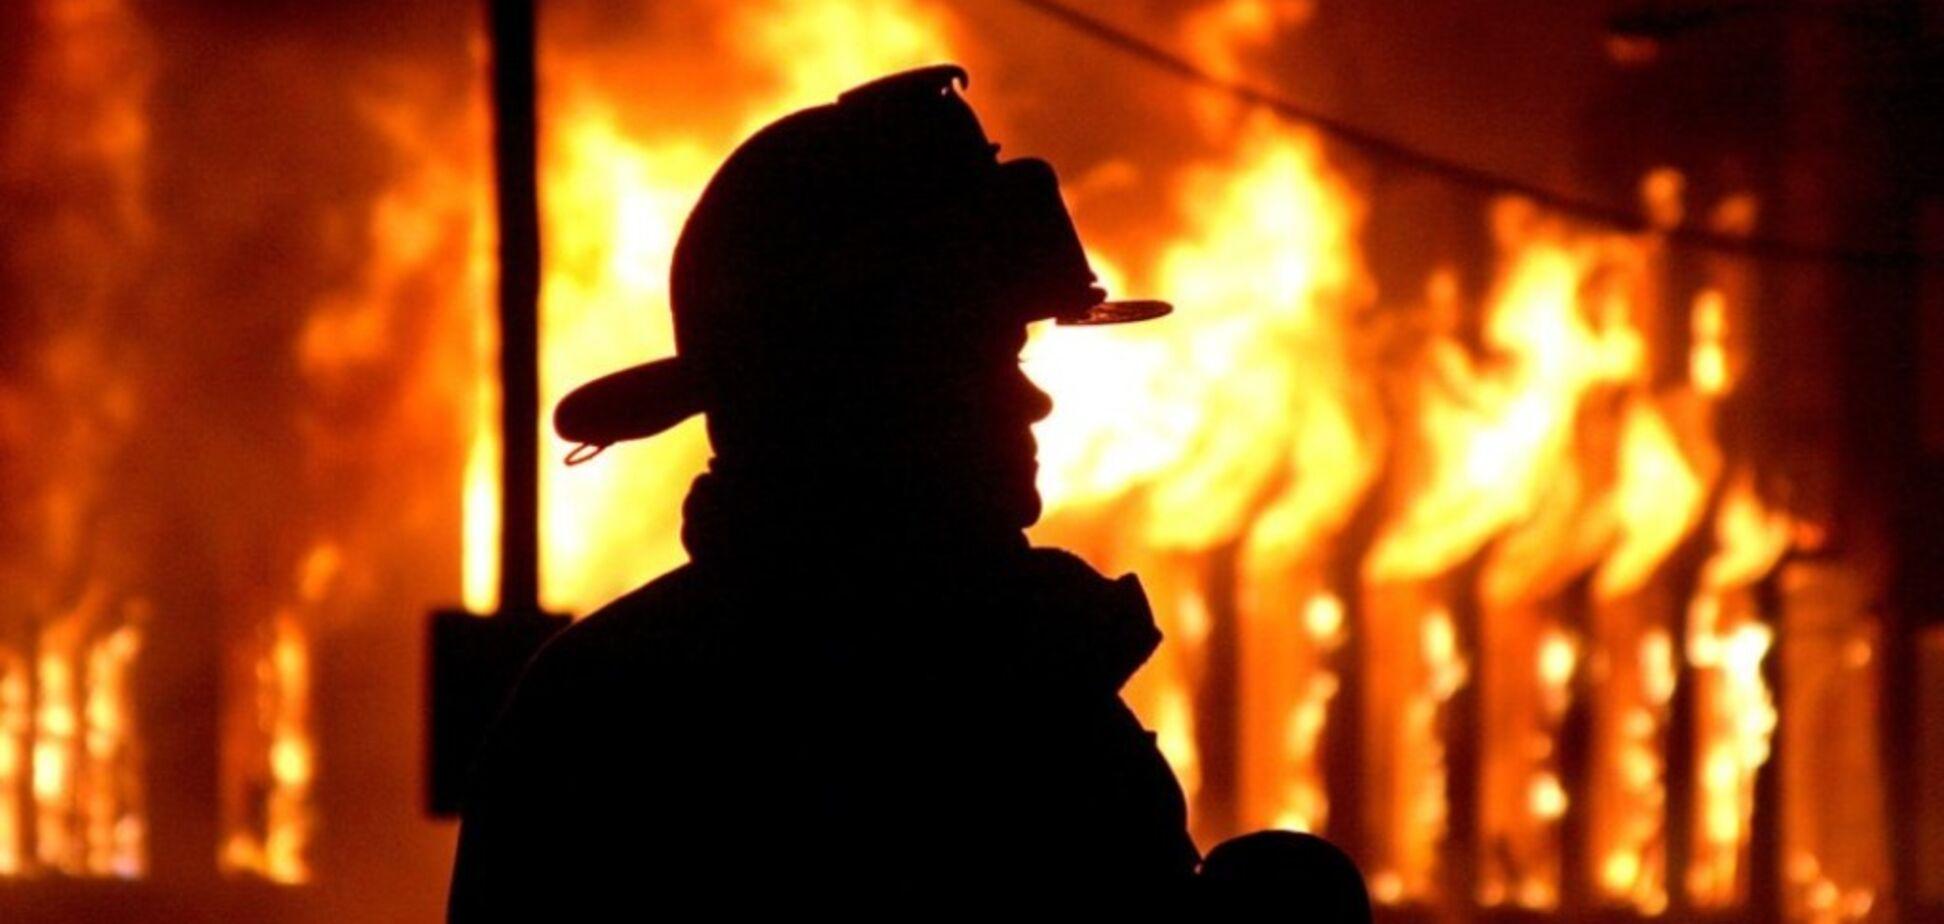 В Днепре огонь охватил квартиру в многоэтажном доме: спасатели эвакуировали людей